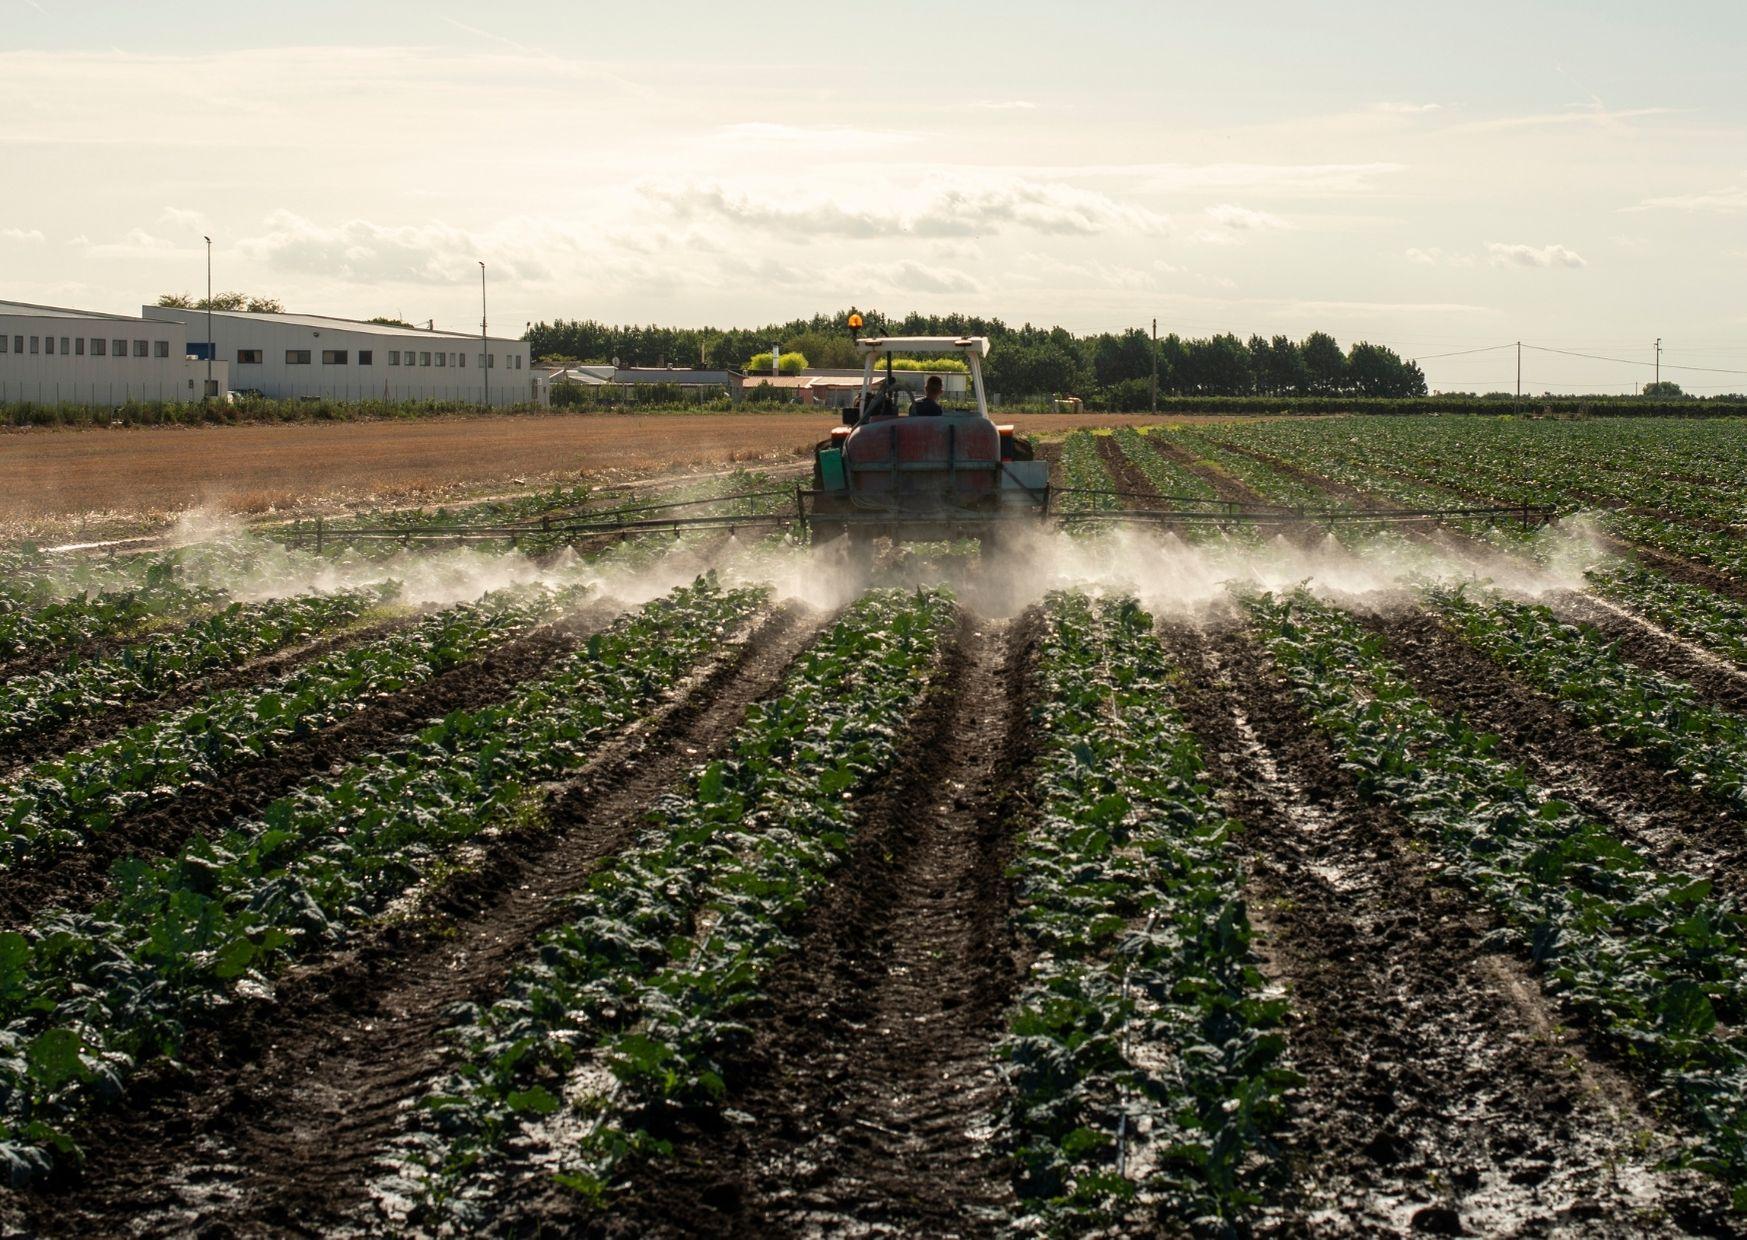 Ядовитое хозяйство: использование химии при ведении сельского хозяйства в России